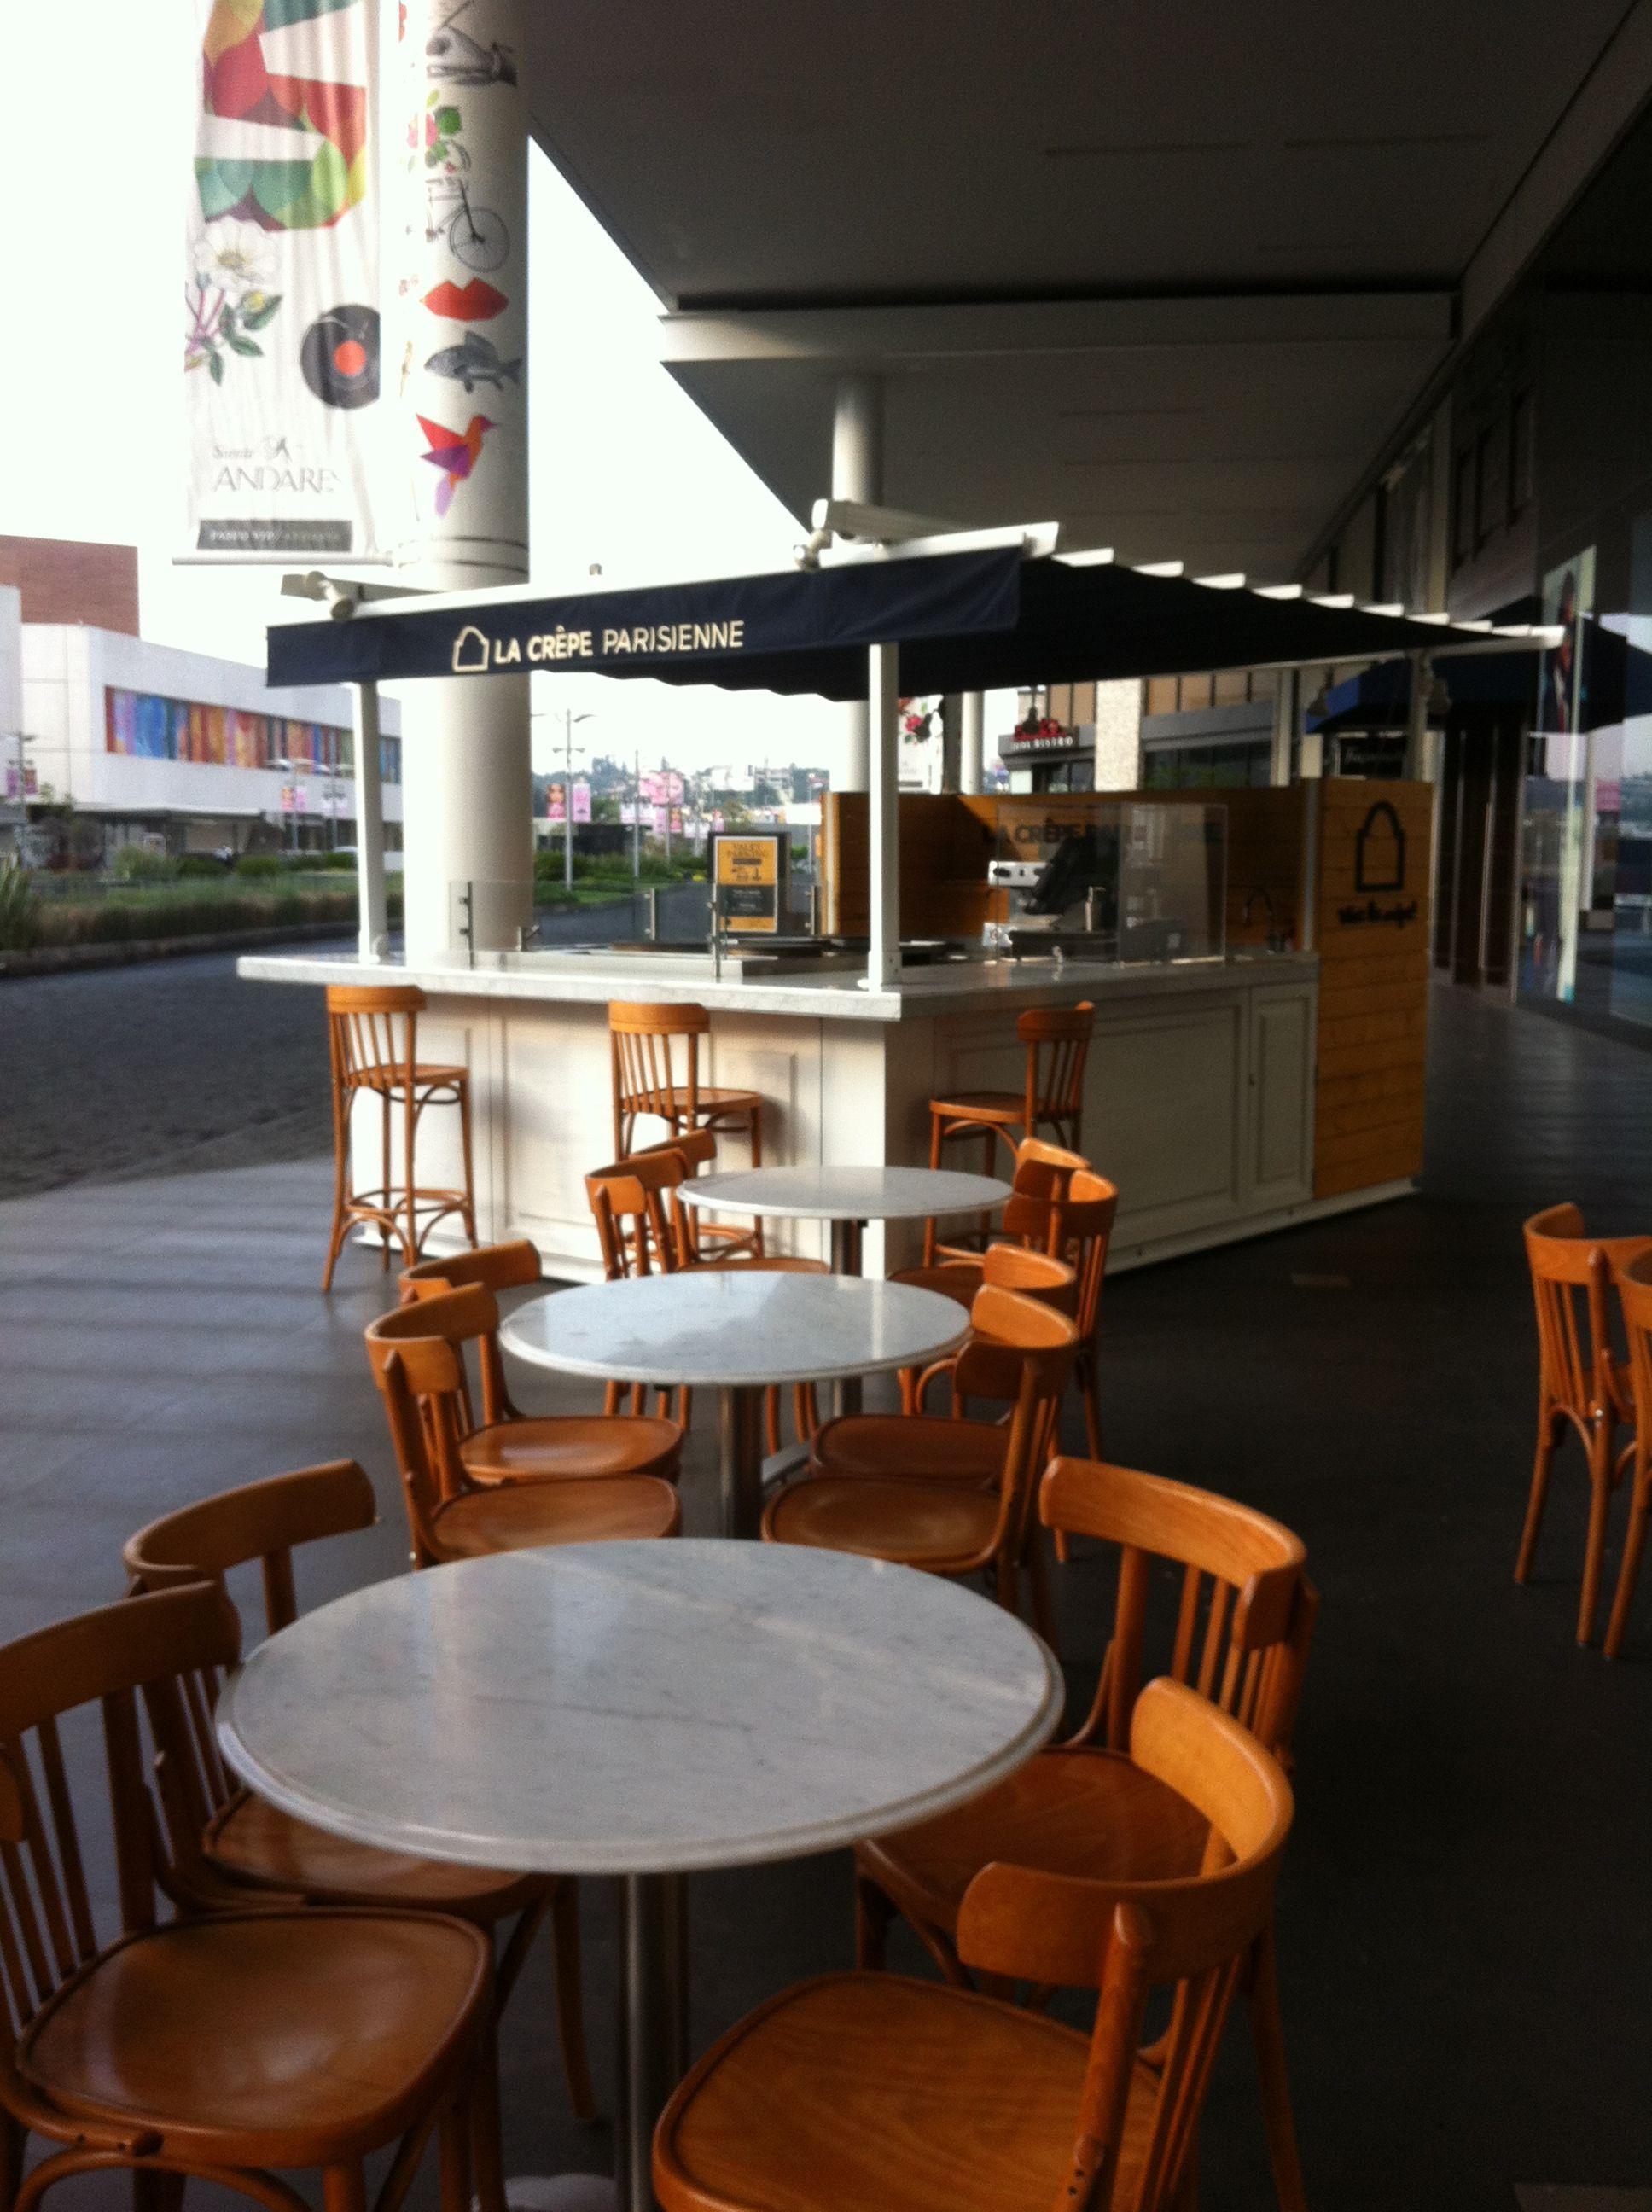 La Crepe Parisinne kiosk design in Andares Mall Guadalajara Jalisco